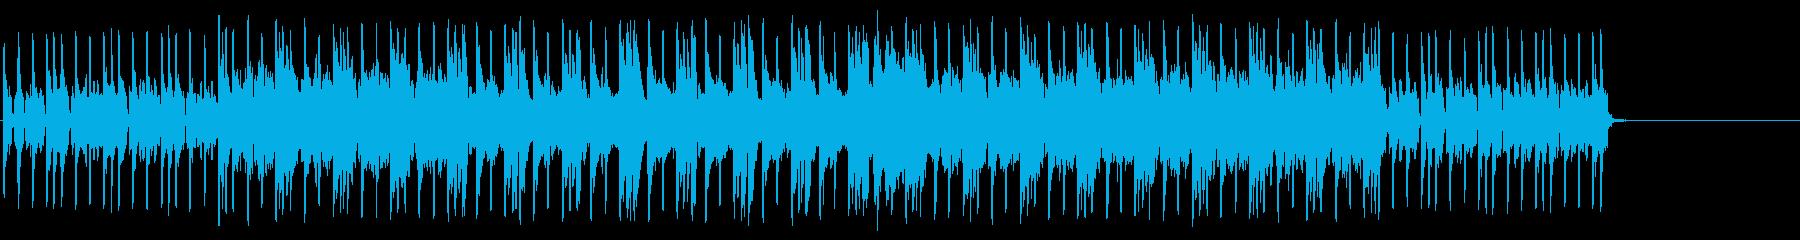 機械的なディスコ風のテクノ・ポップの再生済みの波形